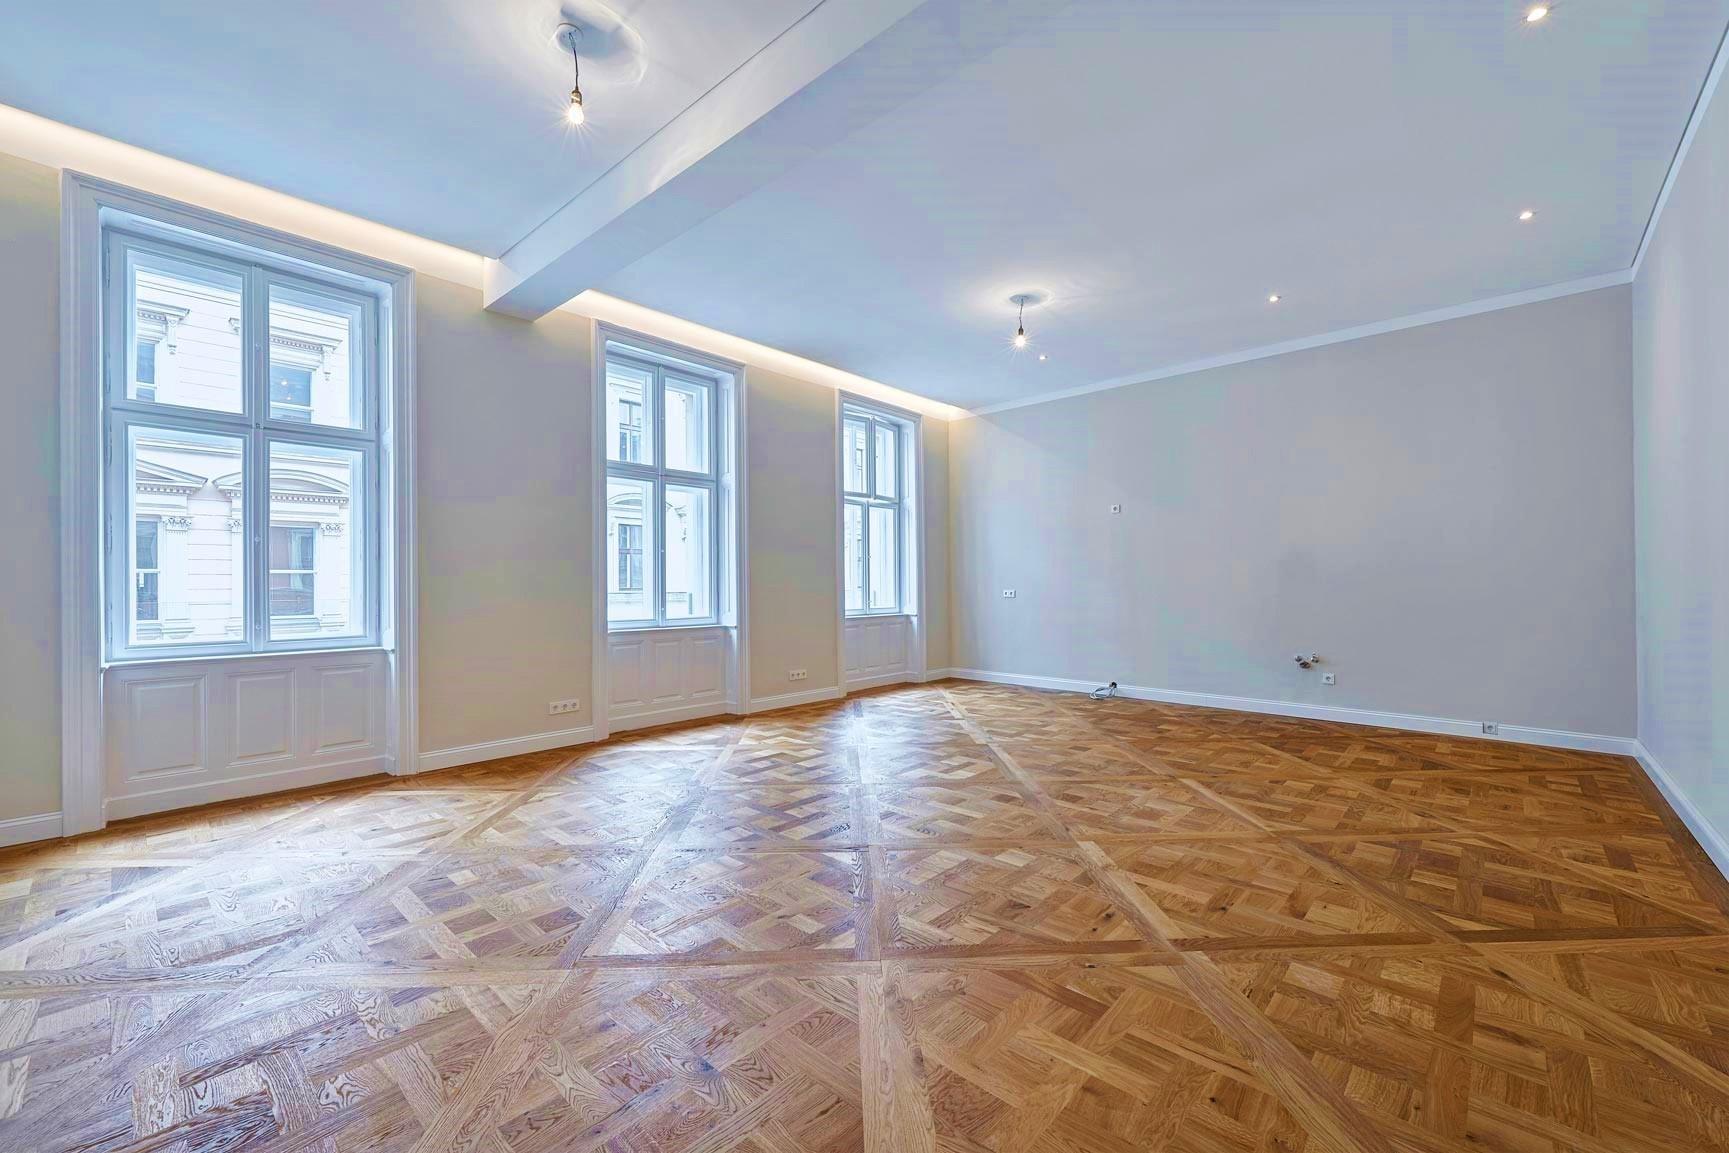 Exquisite Altbauwohnung in denkmalgeschütztem Jugendstilhaus Objekt_31612